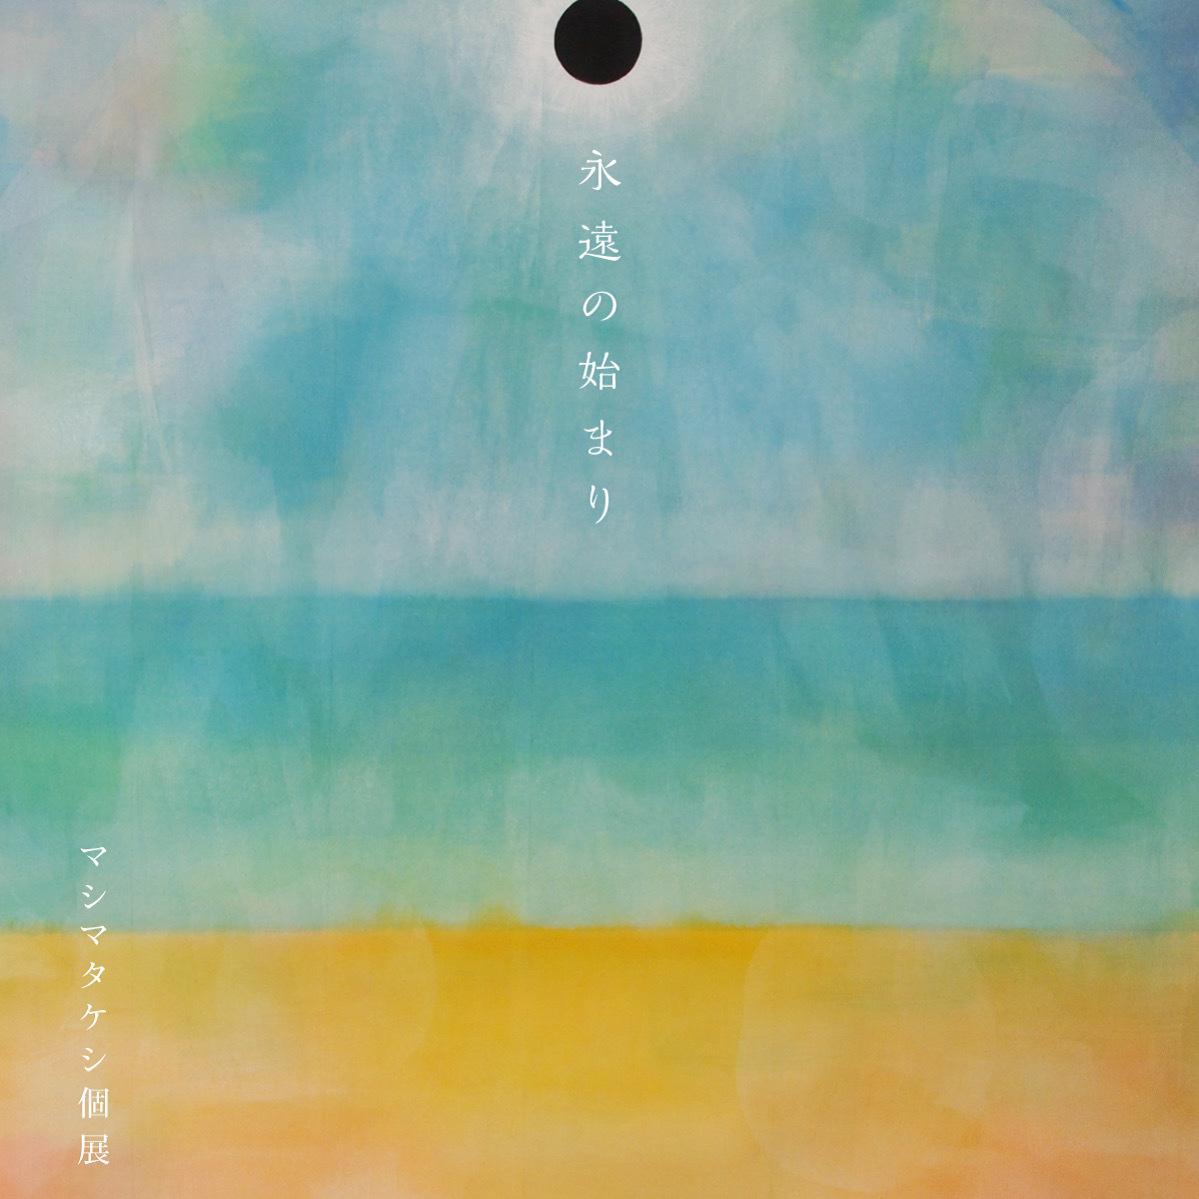 マシマタケシ個展「永遠の始まり」カフェスロー_f0179615_16541549.jpeg